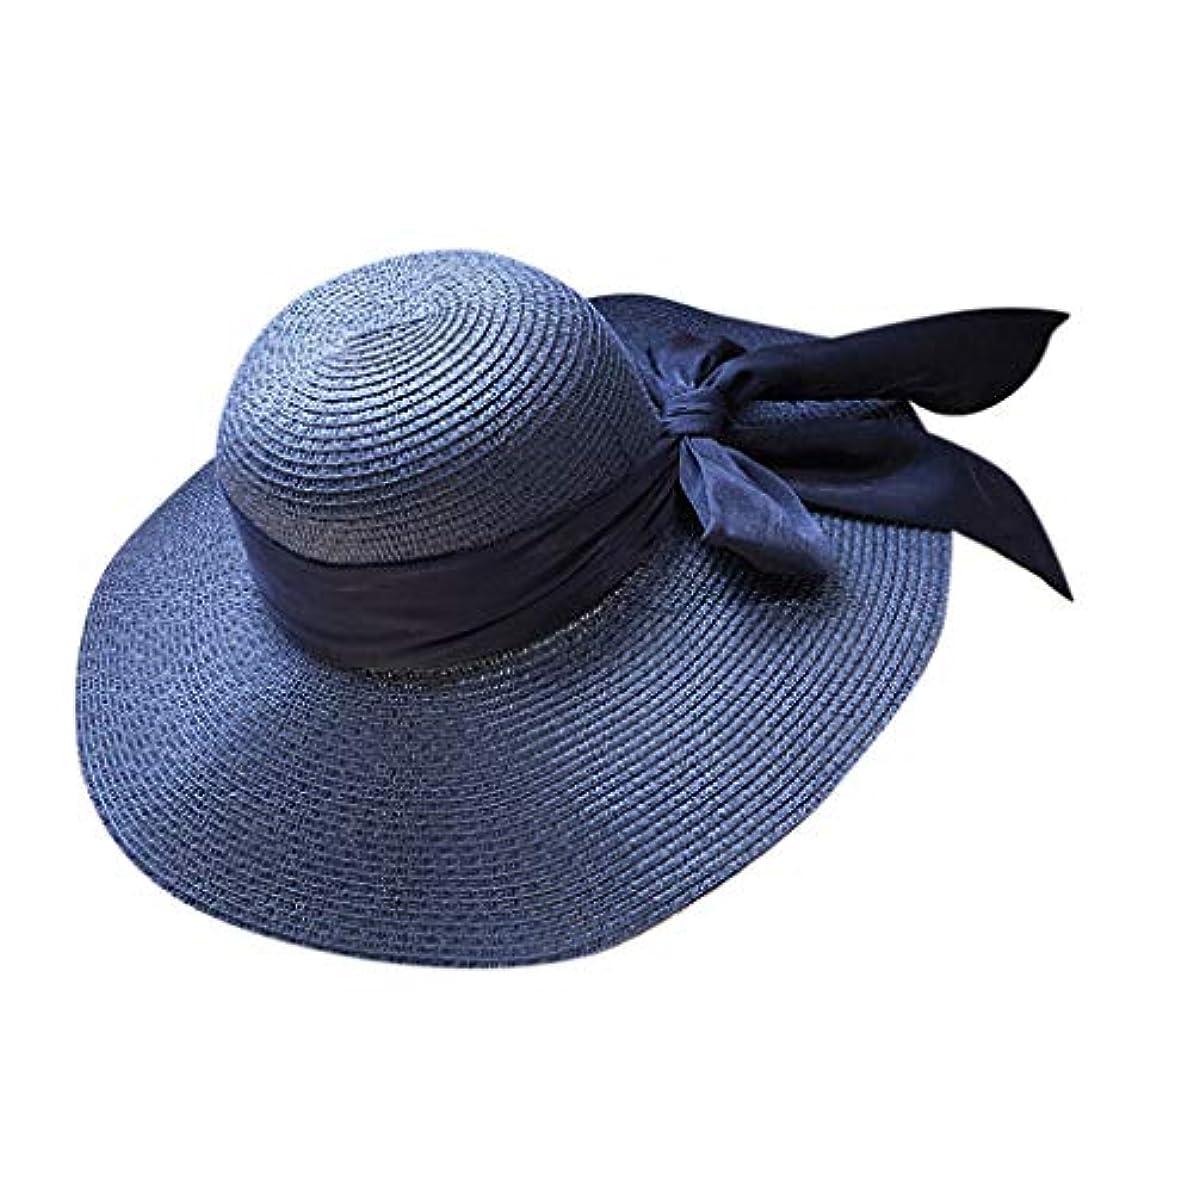 マグつなぐ意図する帽子 レディース UVカット 麦わら帽子 可愛い 小顔効果抜群 日よけ 折りたたみ つば広 帽子 サイズ調整 テープ ハット レディース 帽子 日よけ帽子 防晒帽 ビーチ 旅行用 日よけ 日射し 海 夏季 ROSE ROMAN